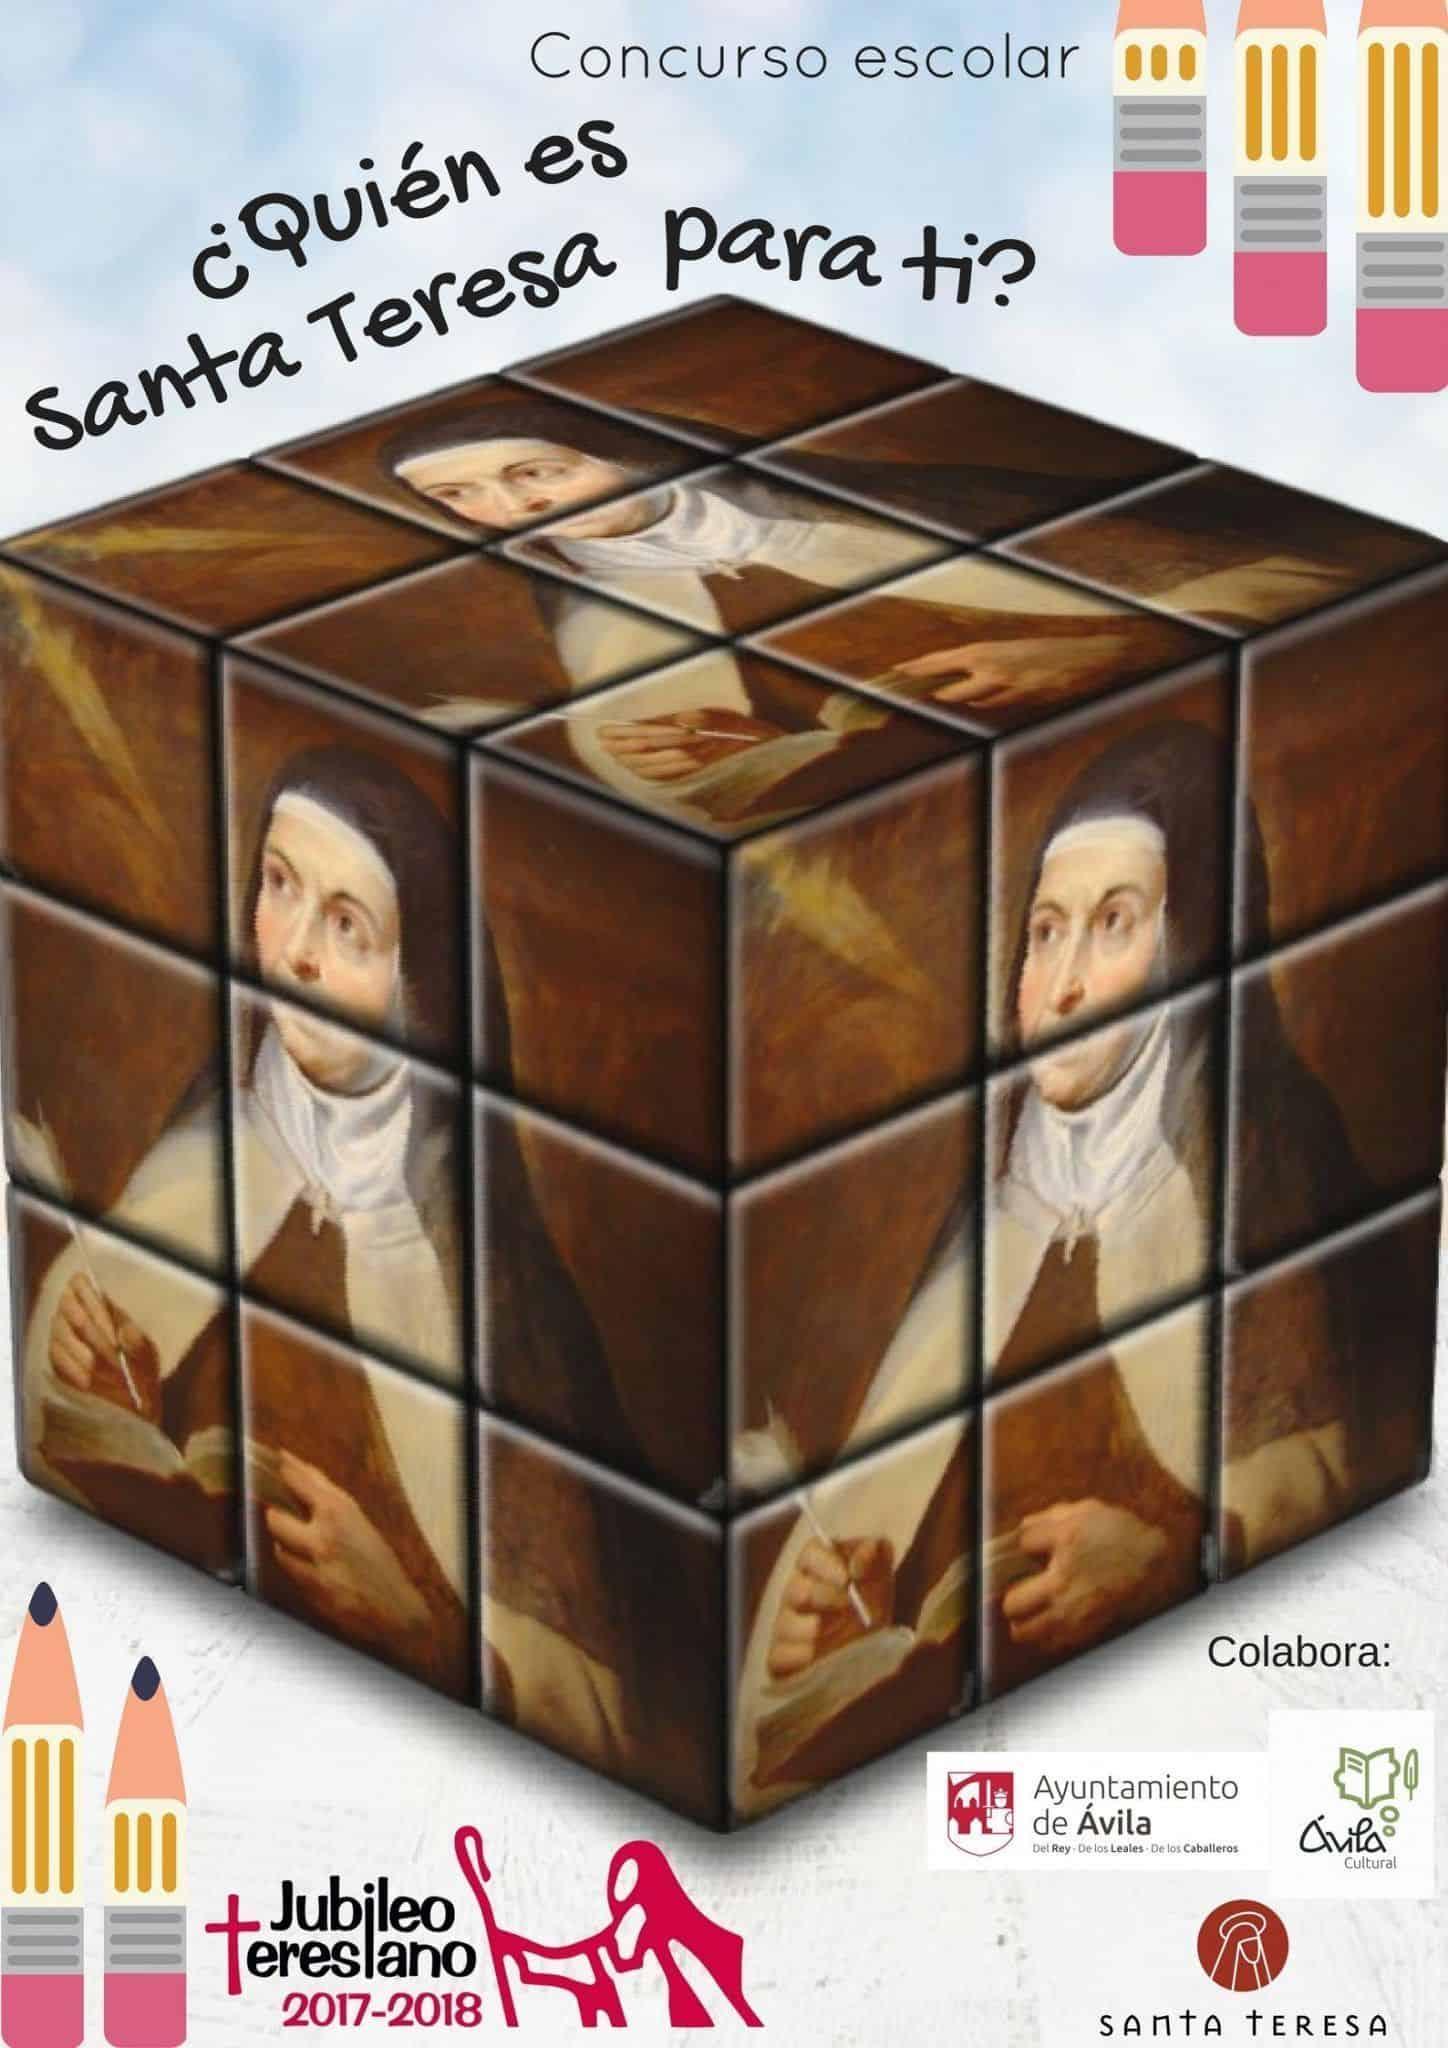 Concurso ¿Quién es Santa Teresa para ti?